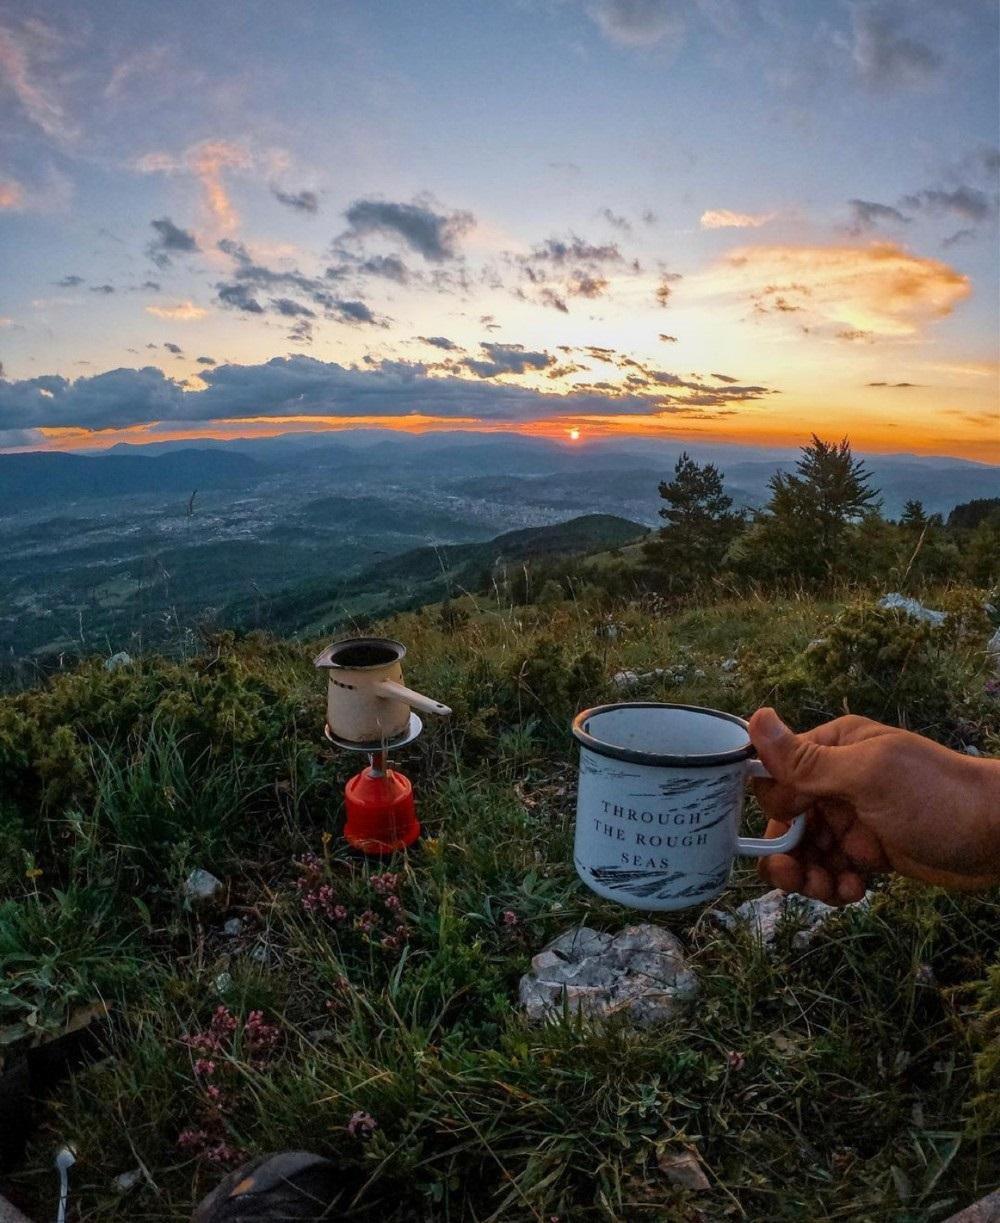 Wild and free otkriva ljepote države u kojoj živimo